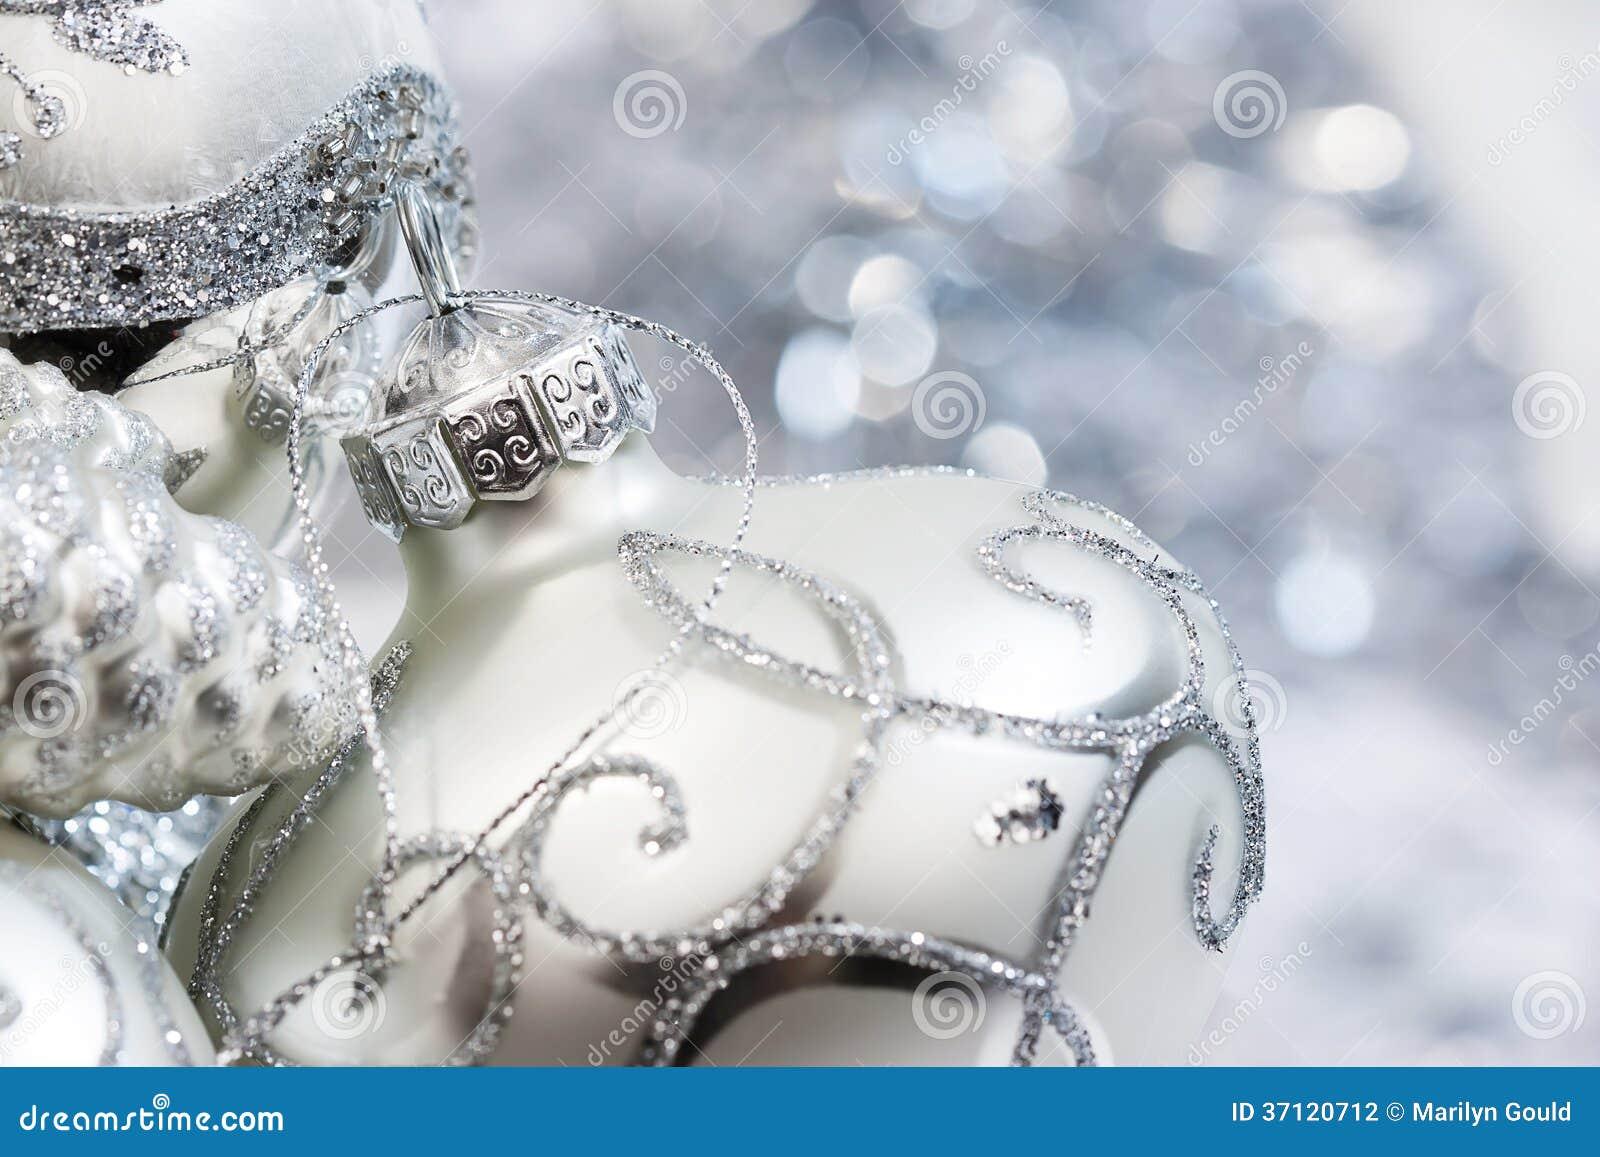 Ornements blancs et argentés ens ivoire de Noël